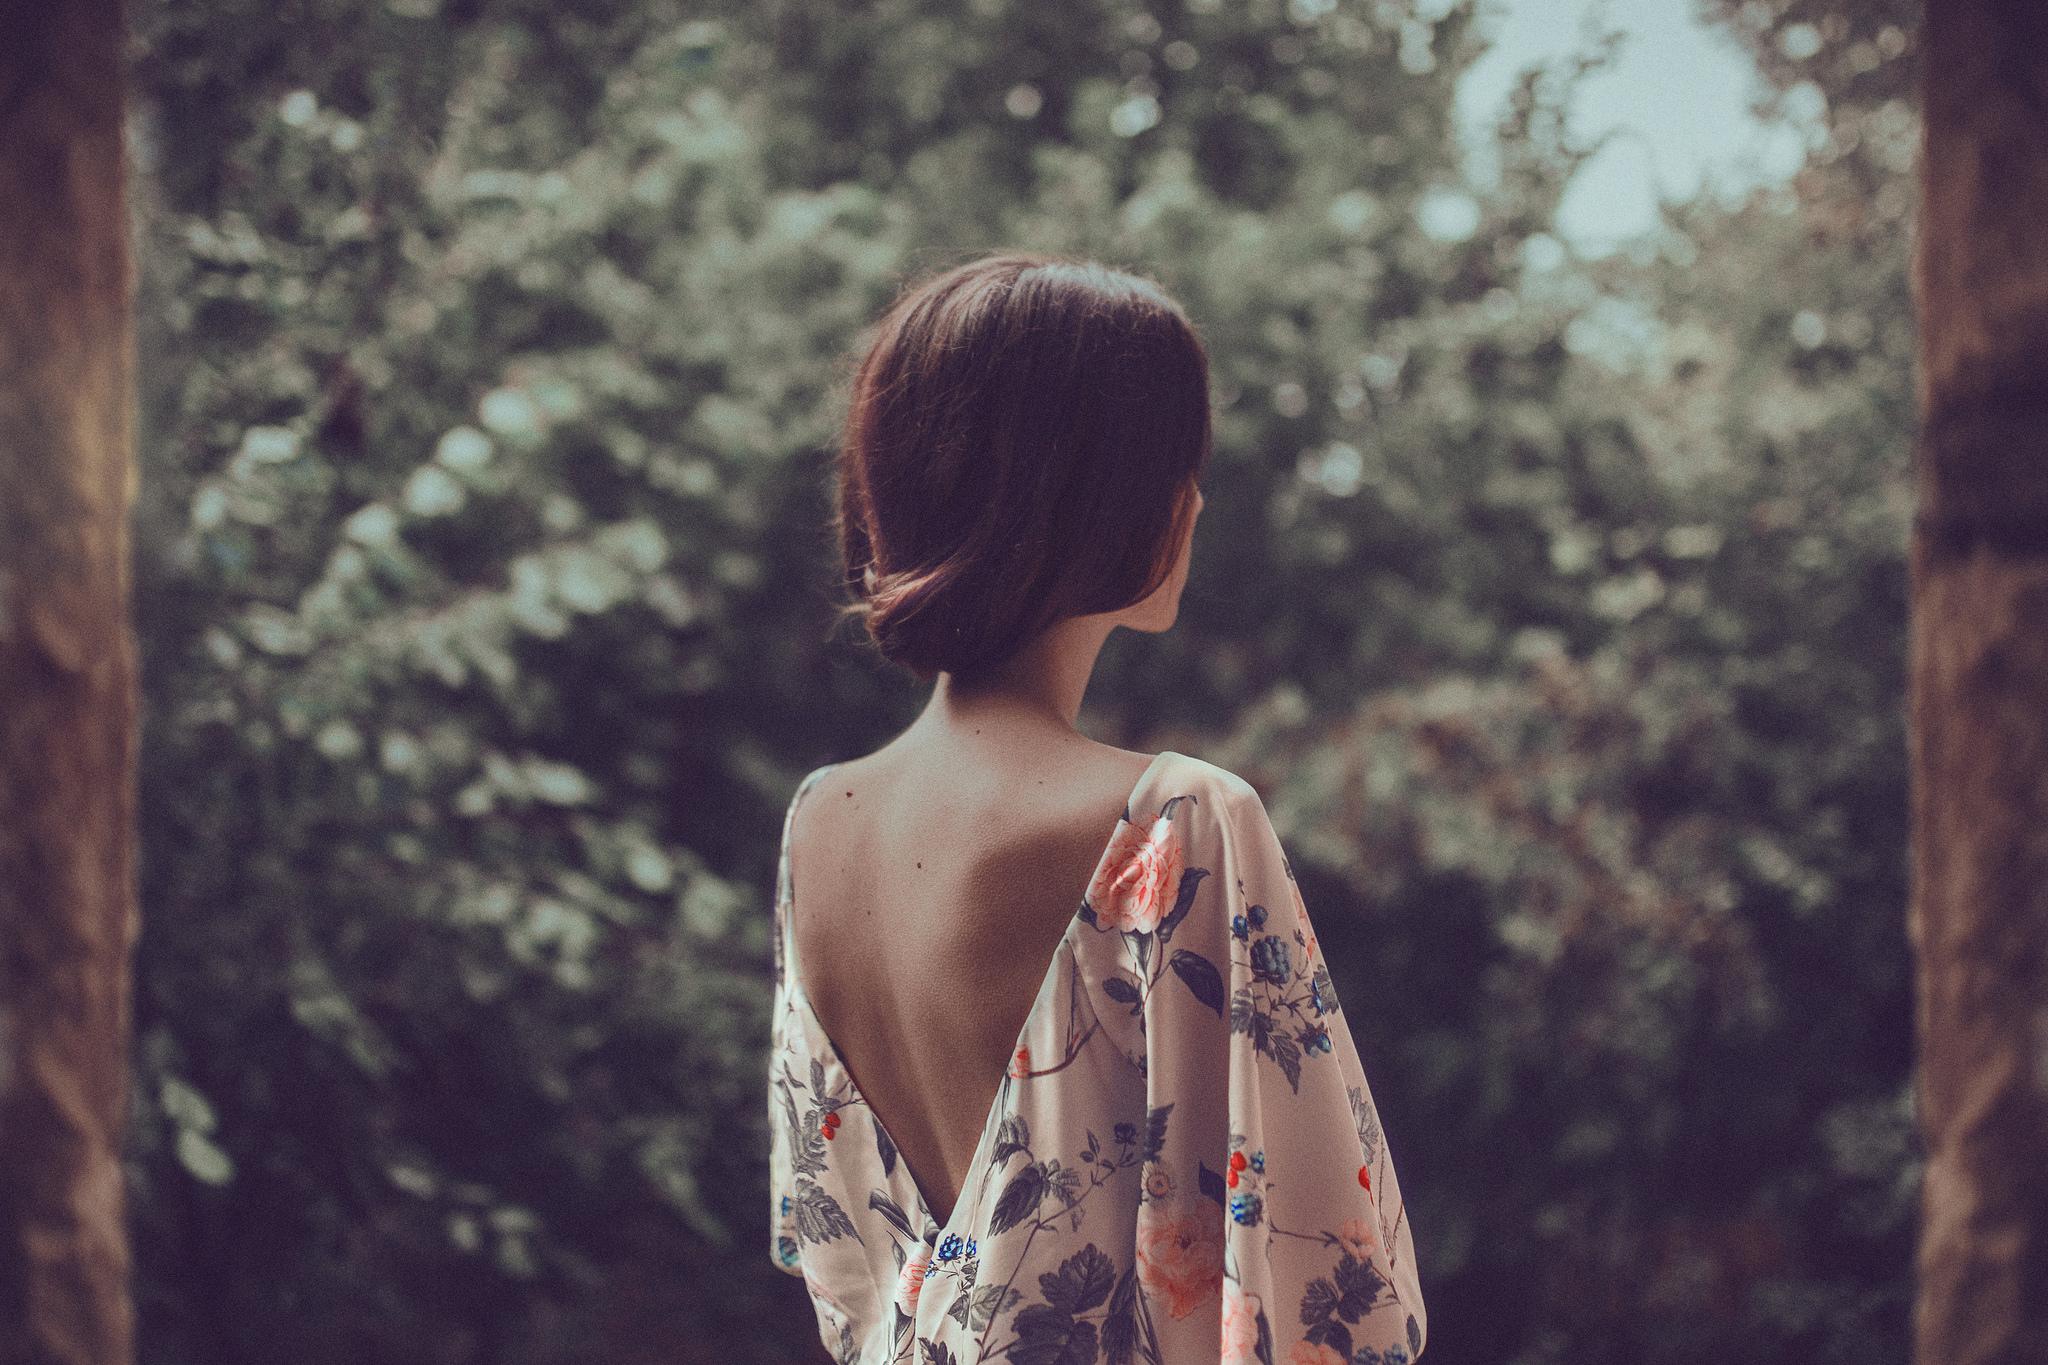 Русоволосые девушки сзади, Русые картинки (145 фото) скачать обои 25 фотография